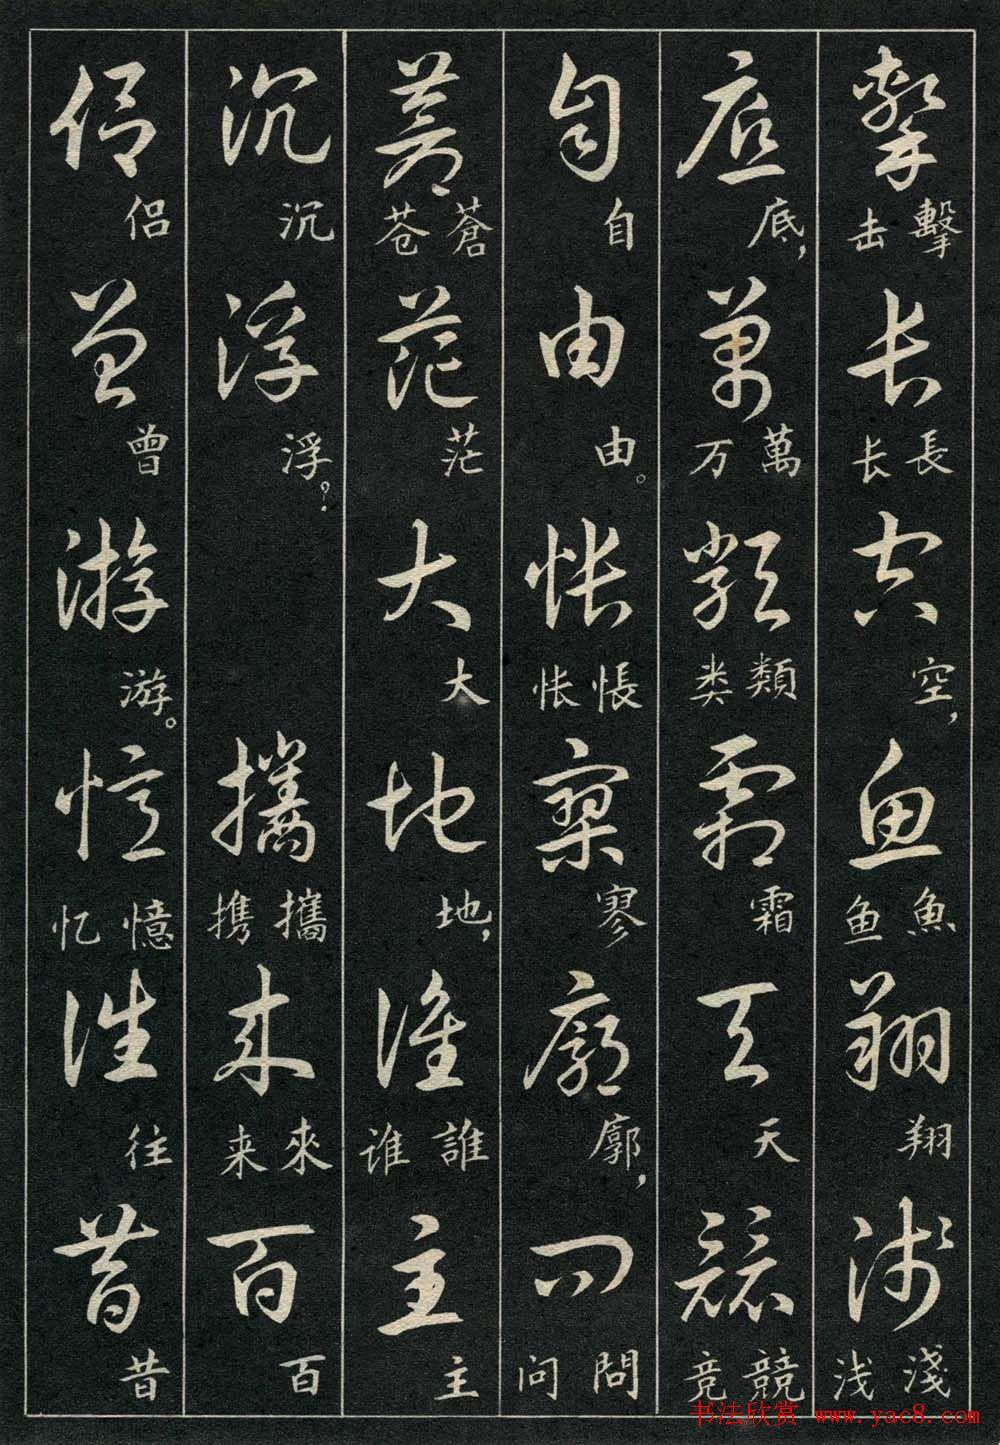 字帖欣赏《毛主席诗词三十九首草书帖》